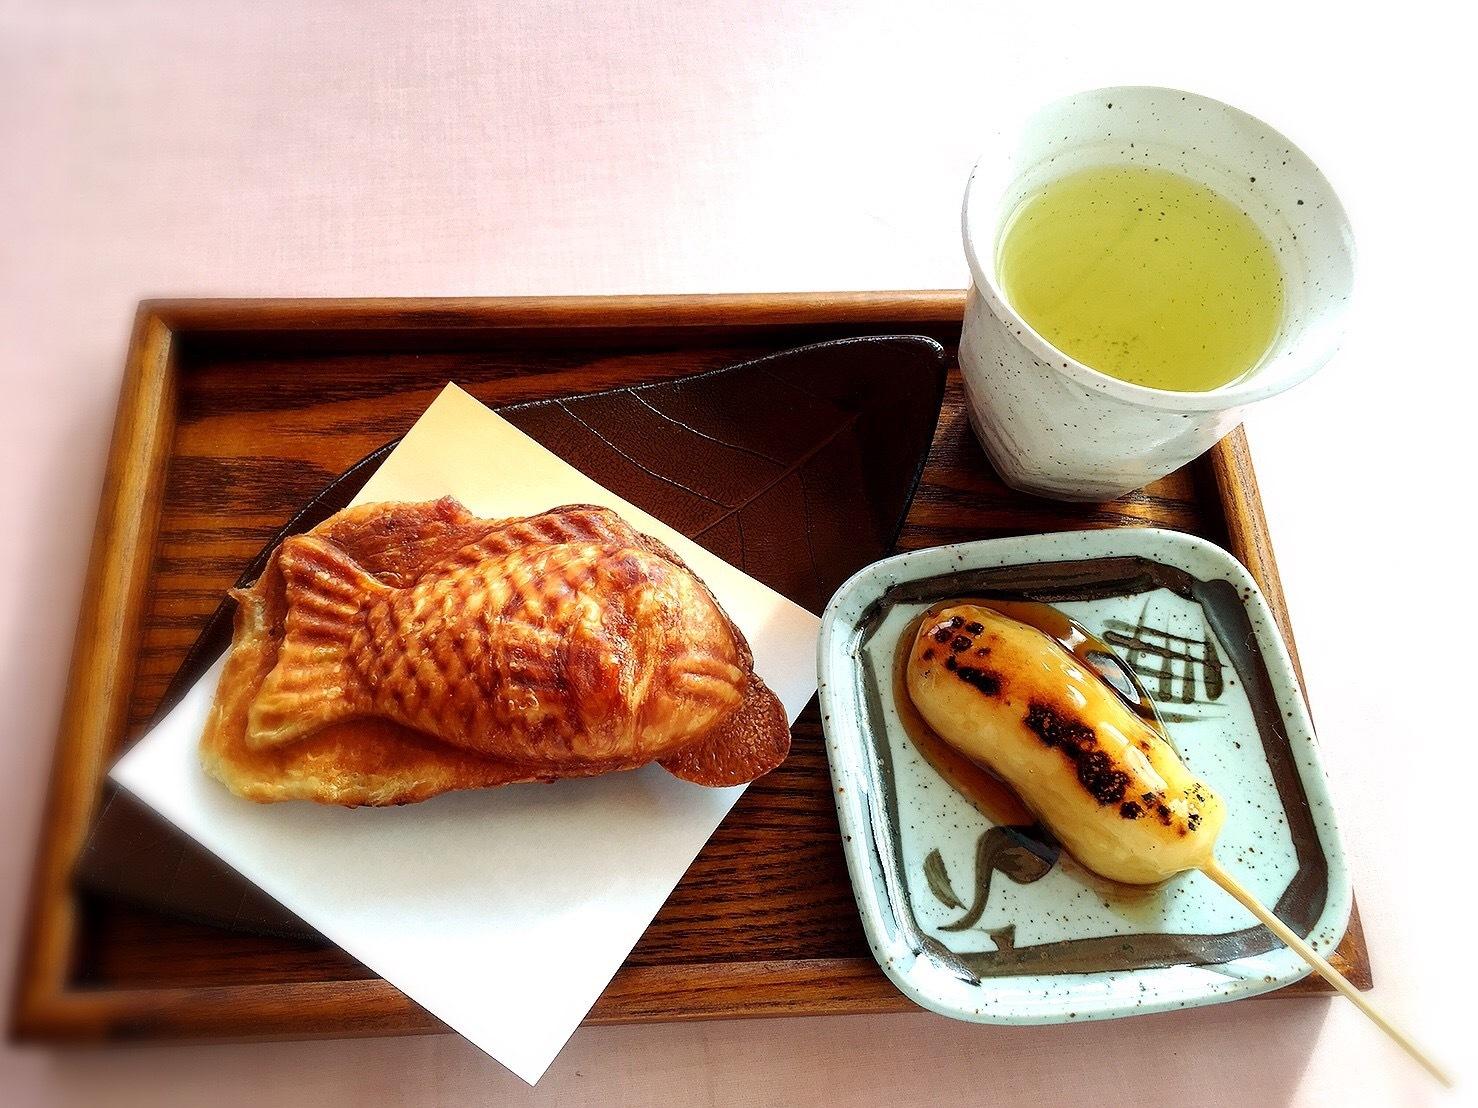 菓のんの外観のクロワッサンたい焼きとみたらしセット(サービス緑茶付)500円